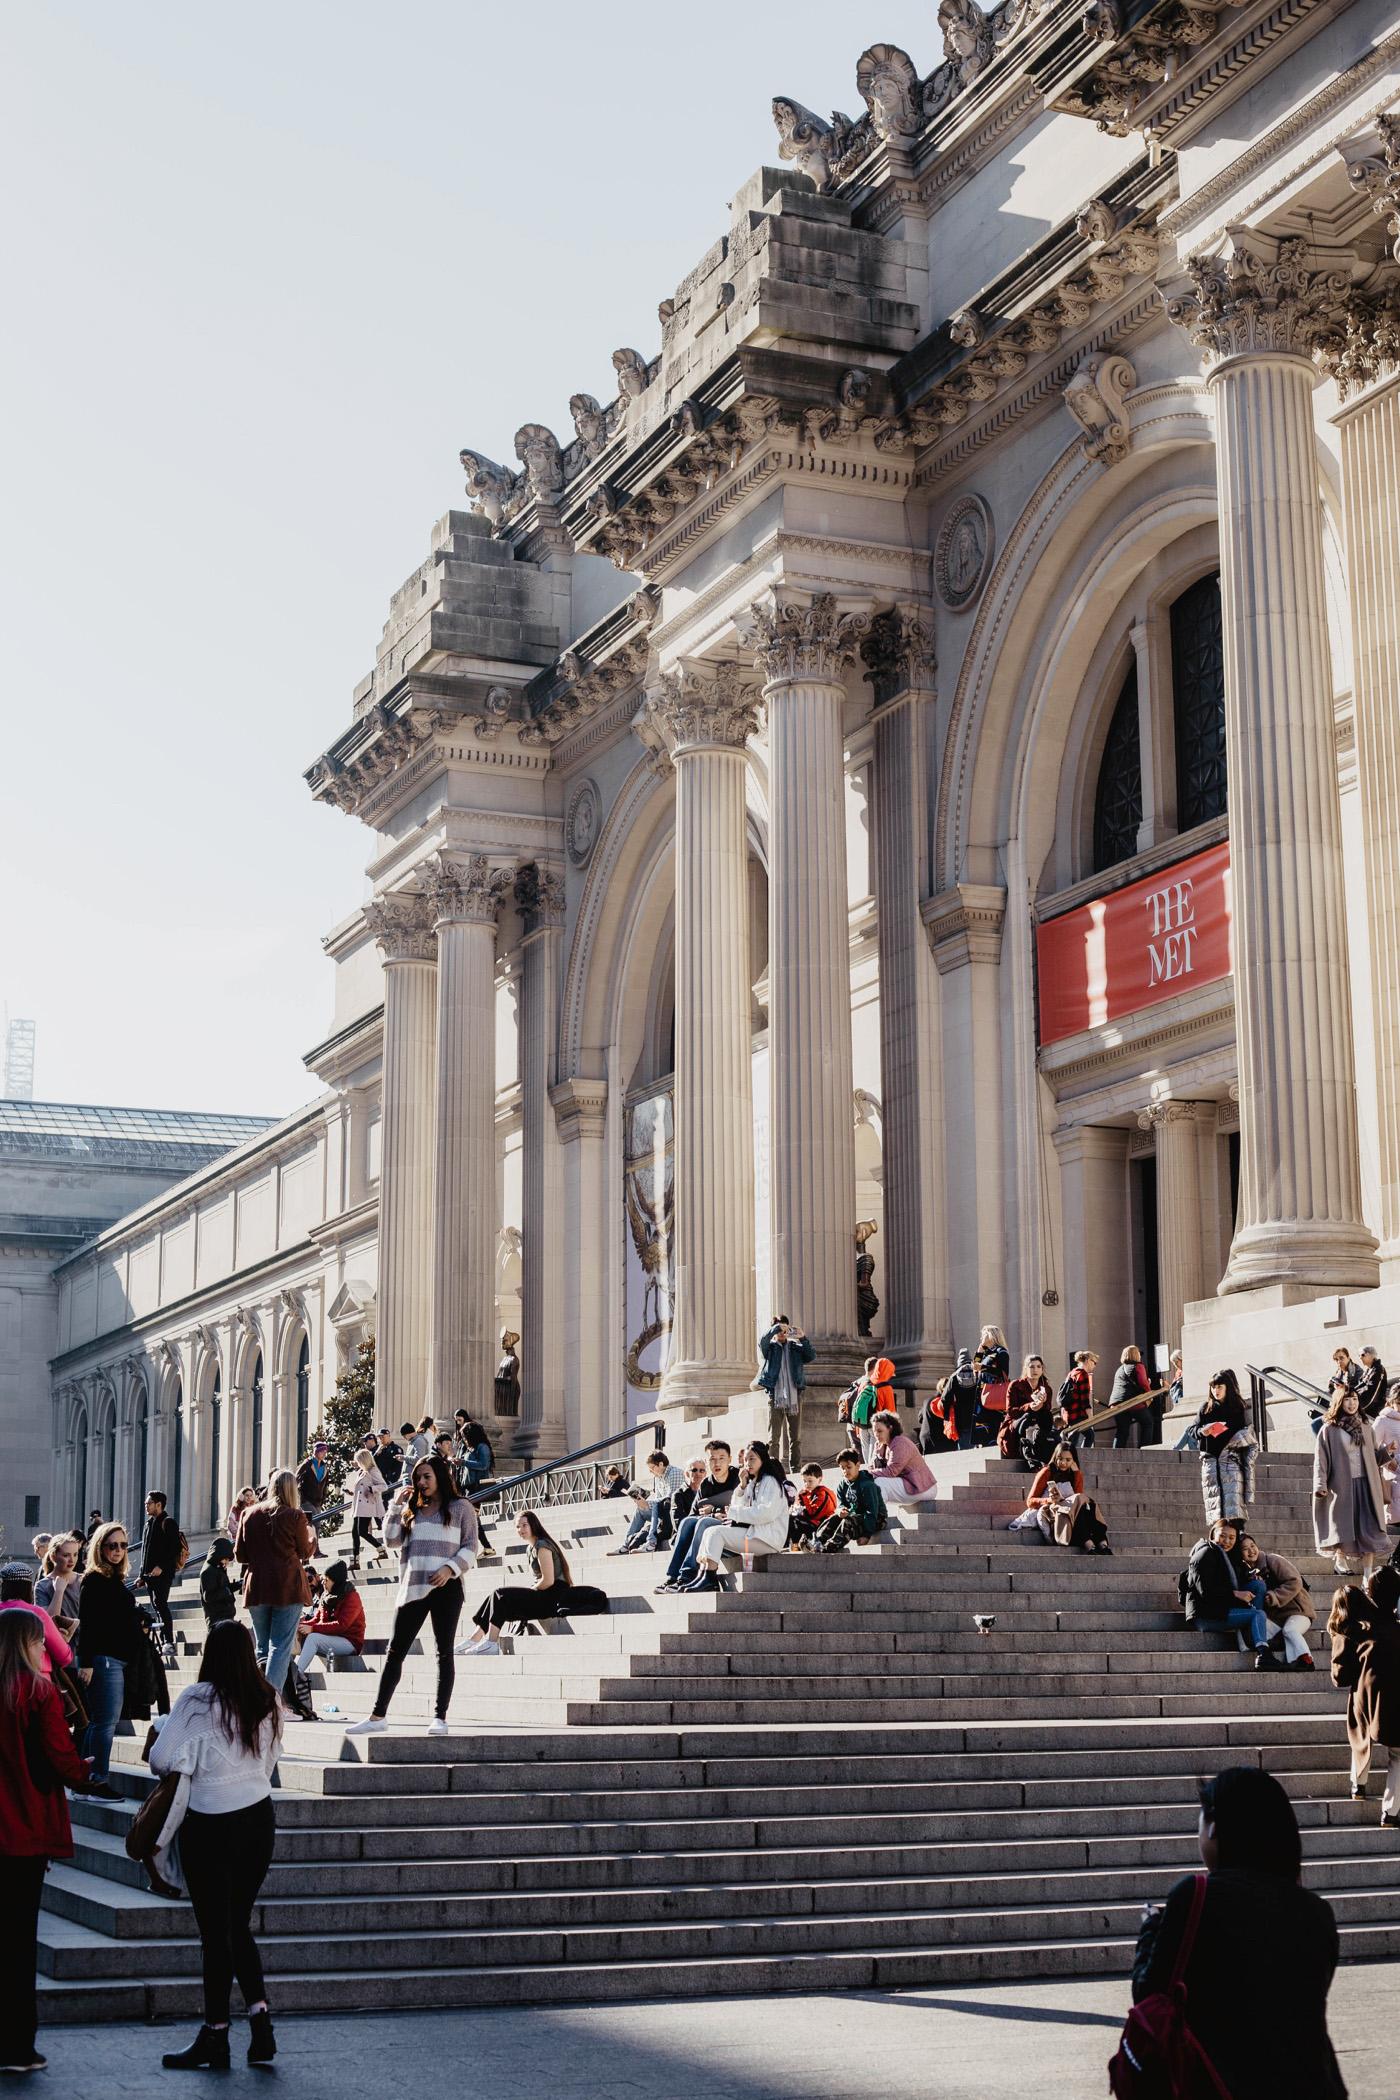 stufen the met museum new york manhattan upper east side